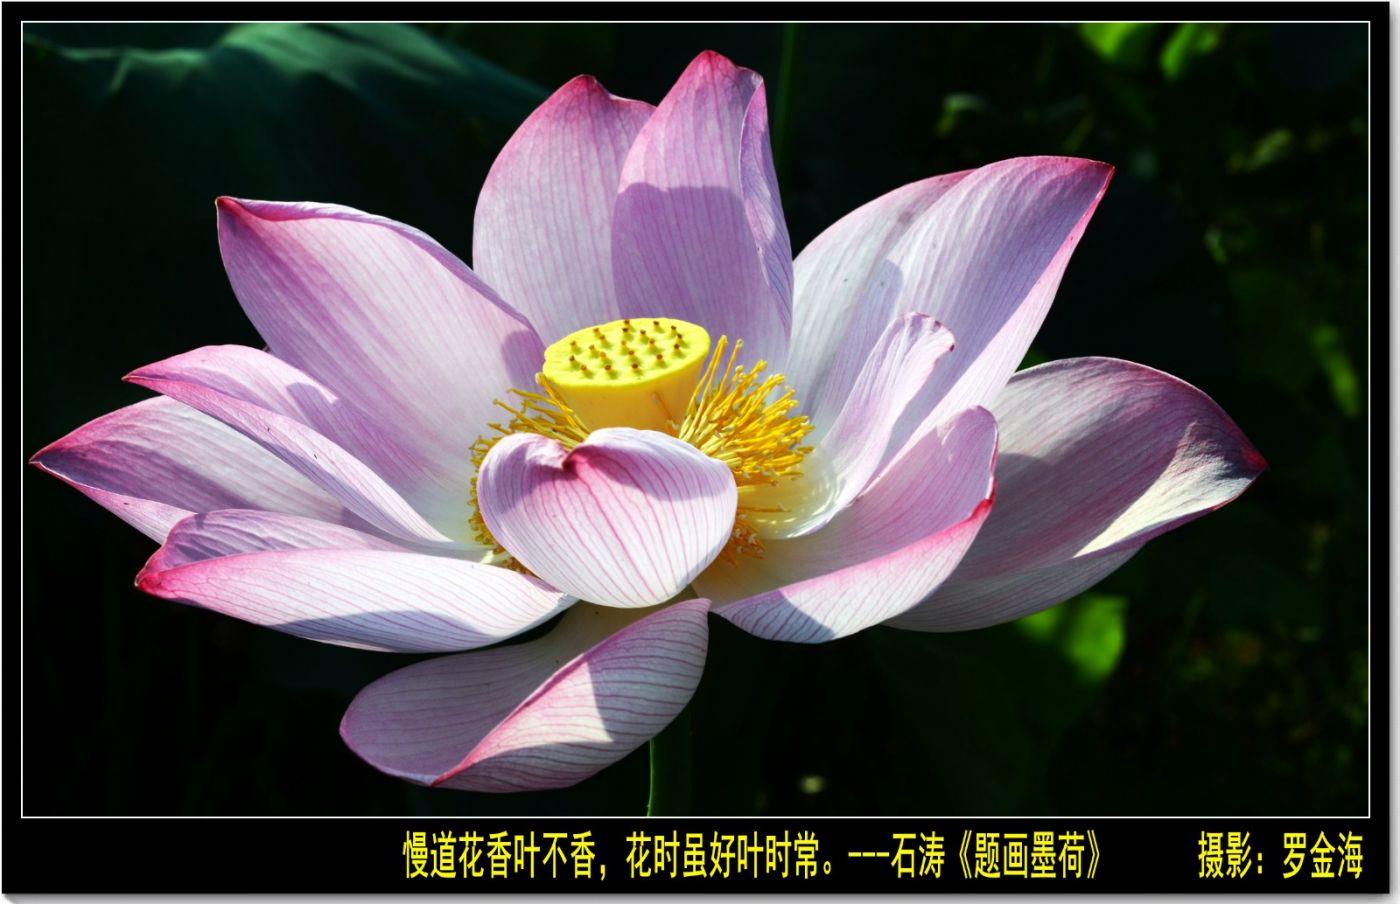 定风波·夏至日(诗词三首)_图1-5